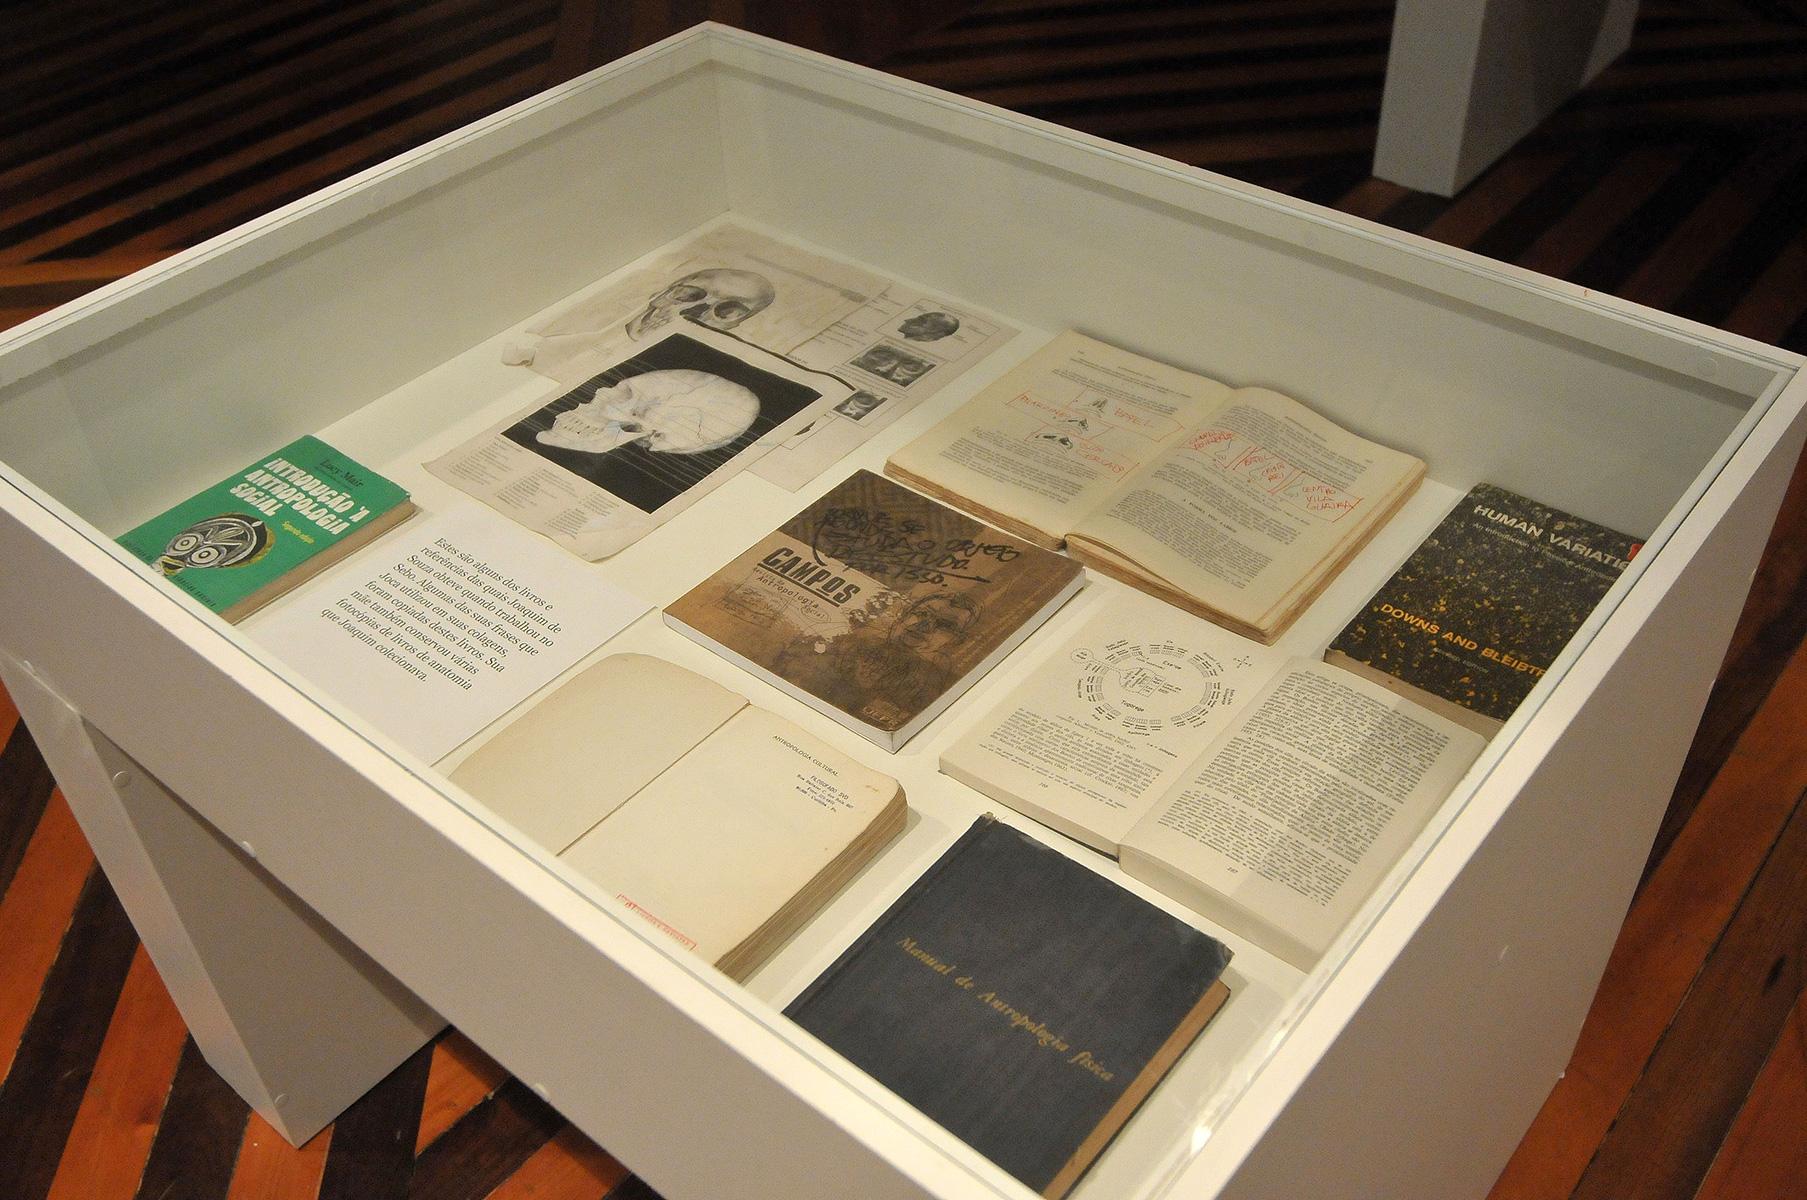 Vitrines com objetos atribuídos a Joaquim Nunes de Souza - Montagem no Solar do Barão - Museu da Gravura cidade de Curitiba - 2010